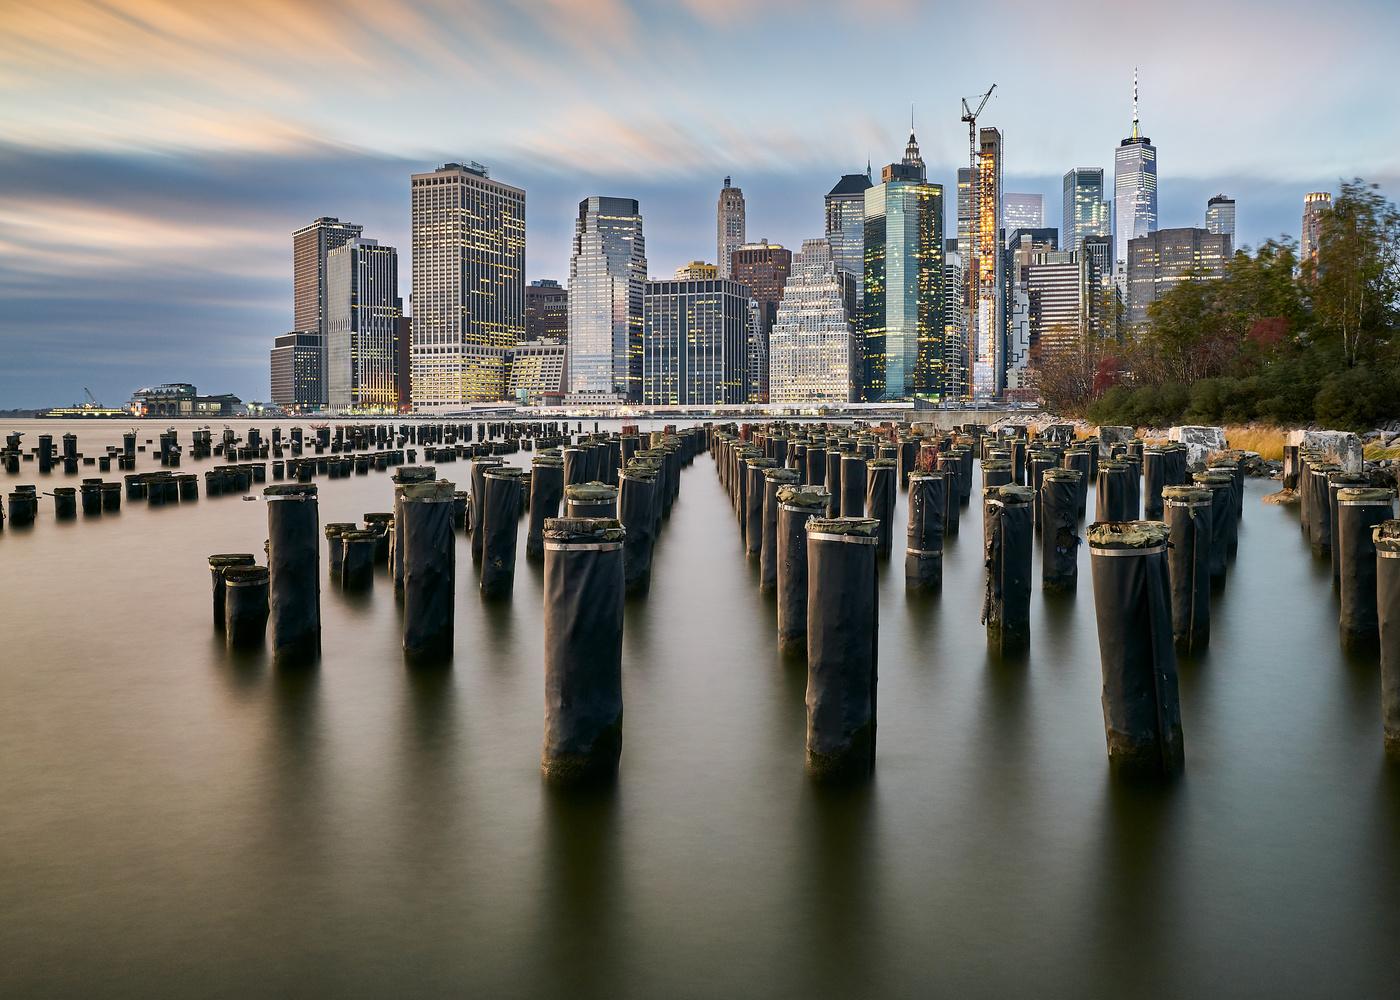 Brooklyn Bridge Park by Sebastian Grundgeir